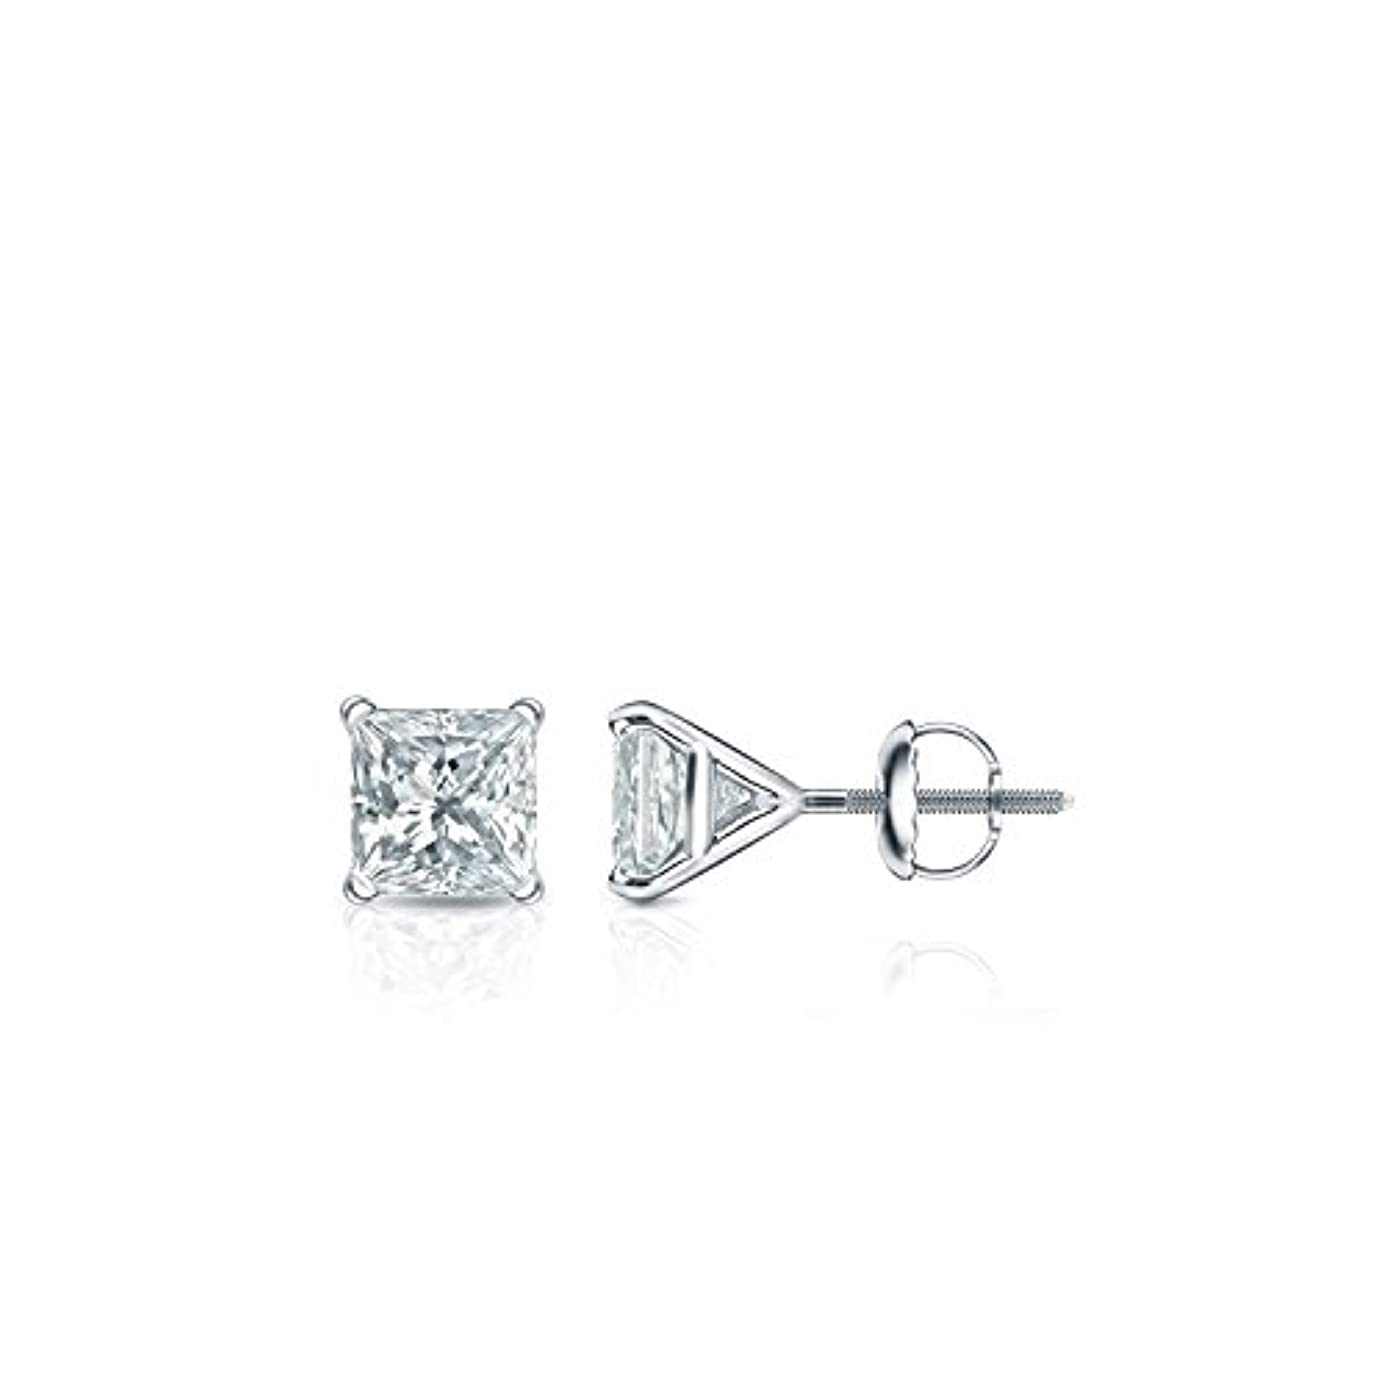 描写愛撫ロードハウス14 Kホワイトゴールド4プロングMartiniプリンセスメンズダイヤモンドスタッドイヤリング( 1 / 4 – 2 ct、Oホワイト、i1 - i2 ) screw-back